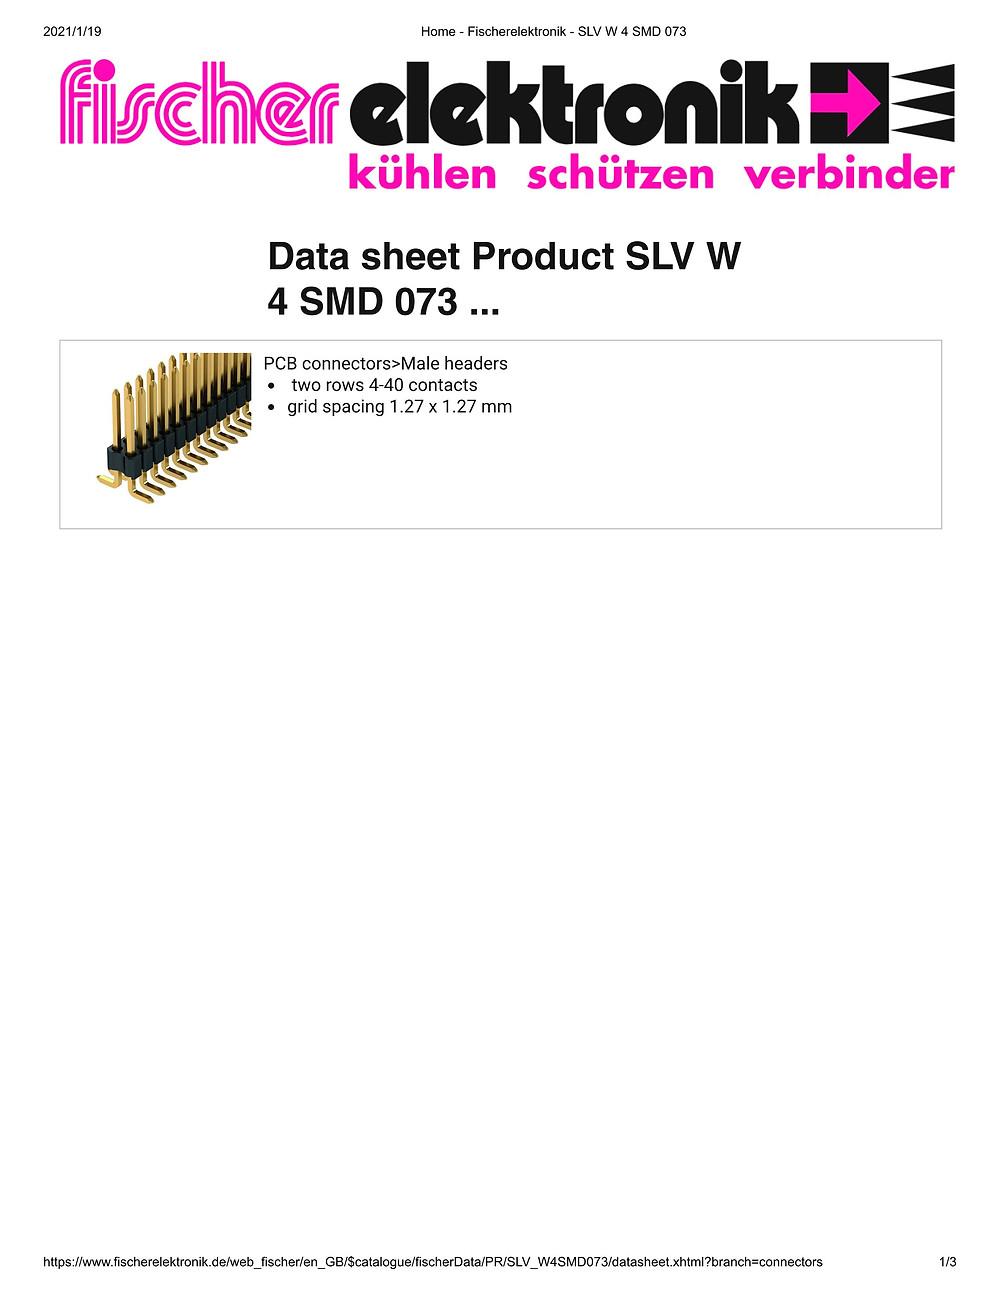 SLV W 4 SMD 073 ピンヘッダ 1.27mm ピッチ 2列